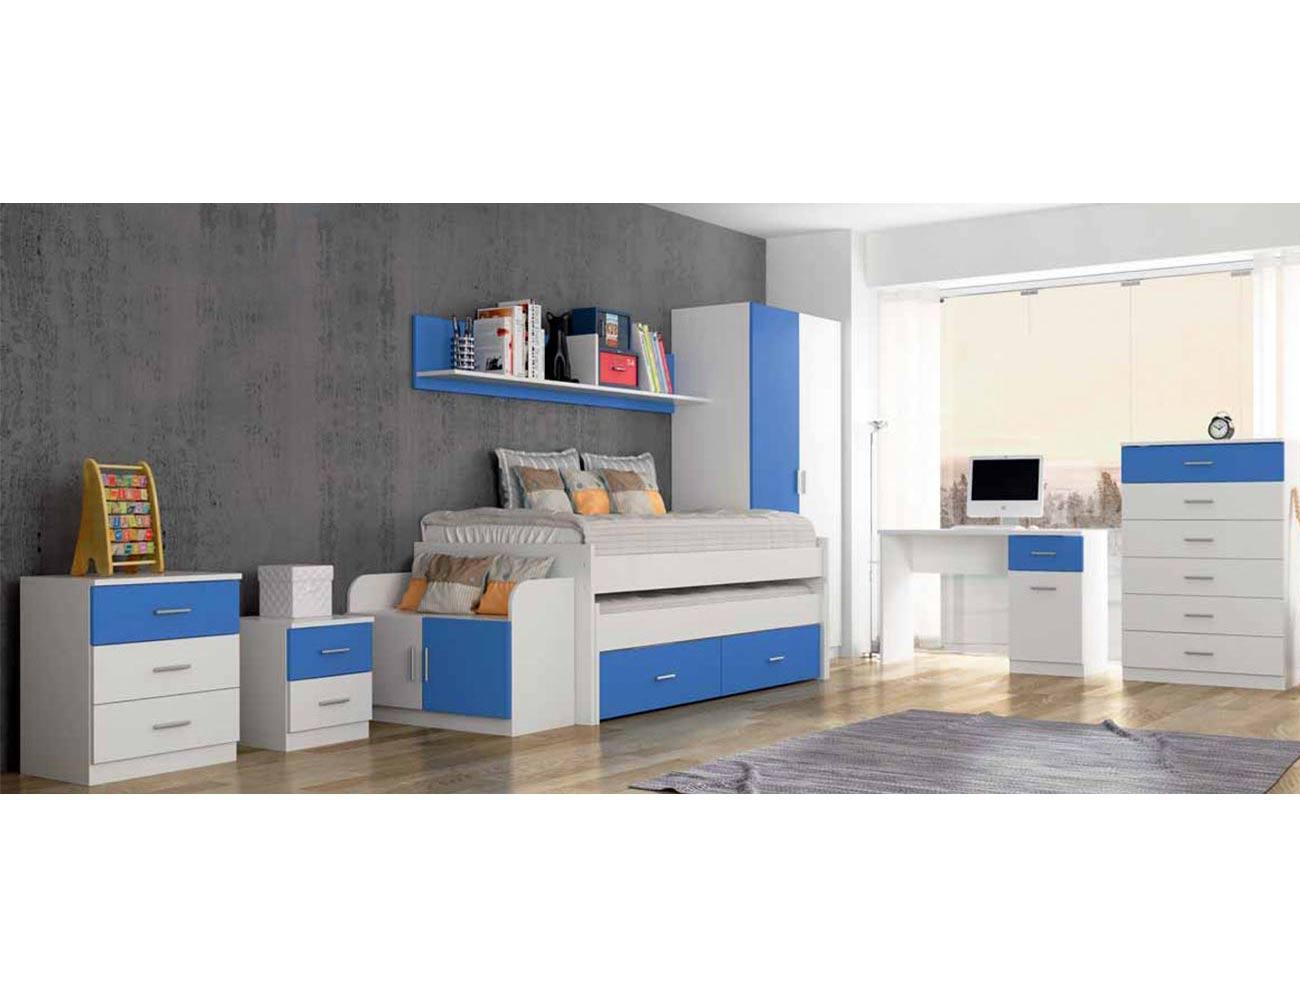 Dormitorio juvenil comodin mesita noche banqueta estanteria cama compacto nido mesa estudio sinfonier armario4